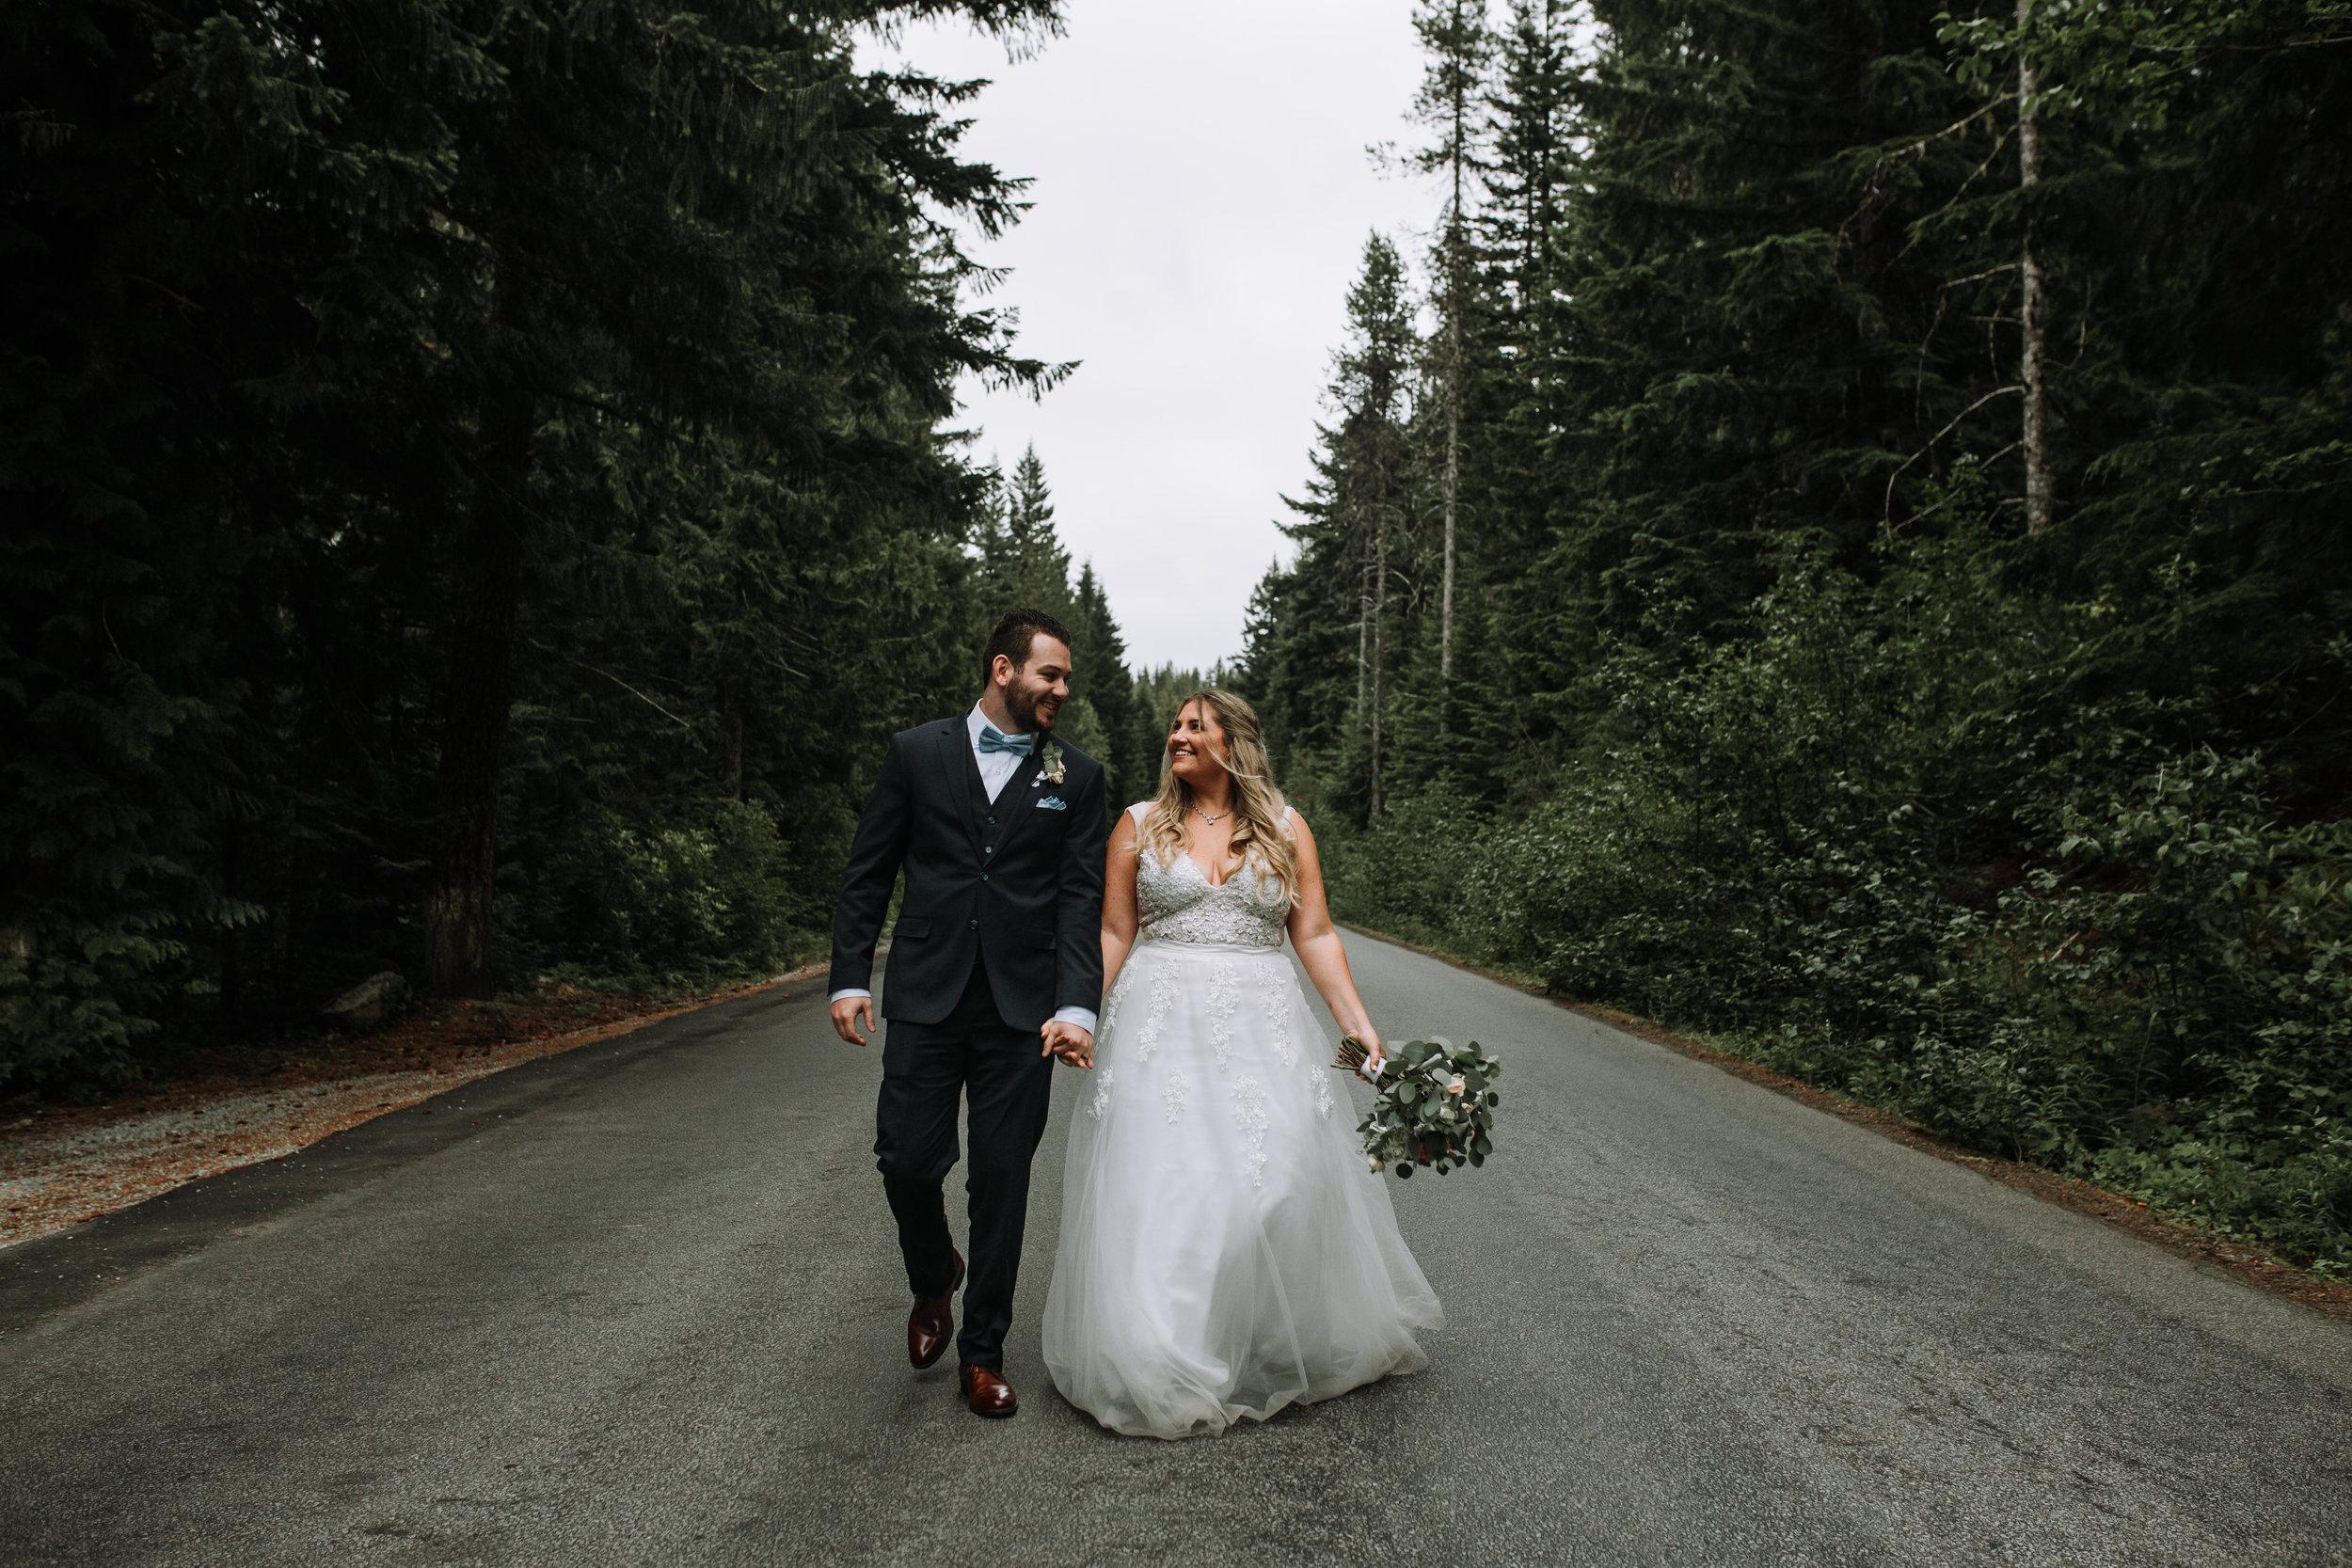 portland-oregon-destination-wedding-rkm-photography